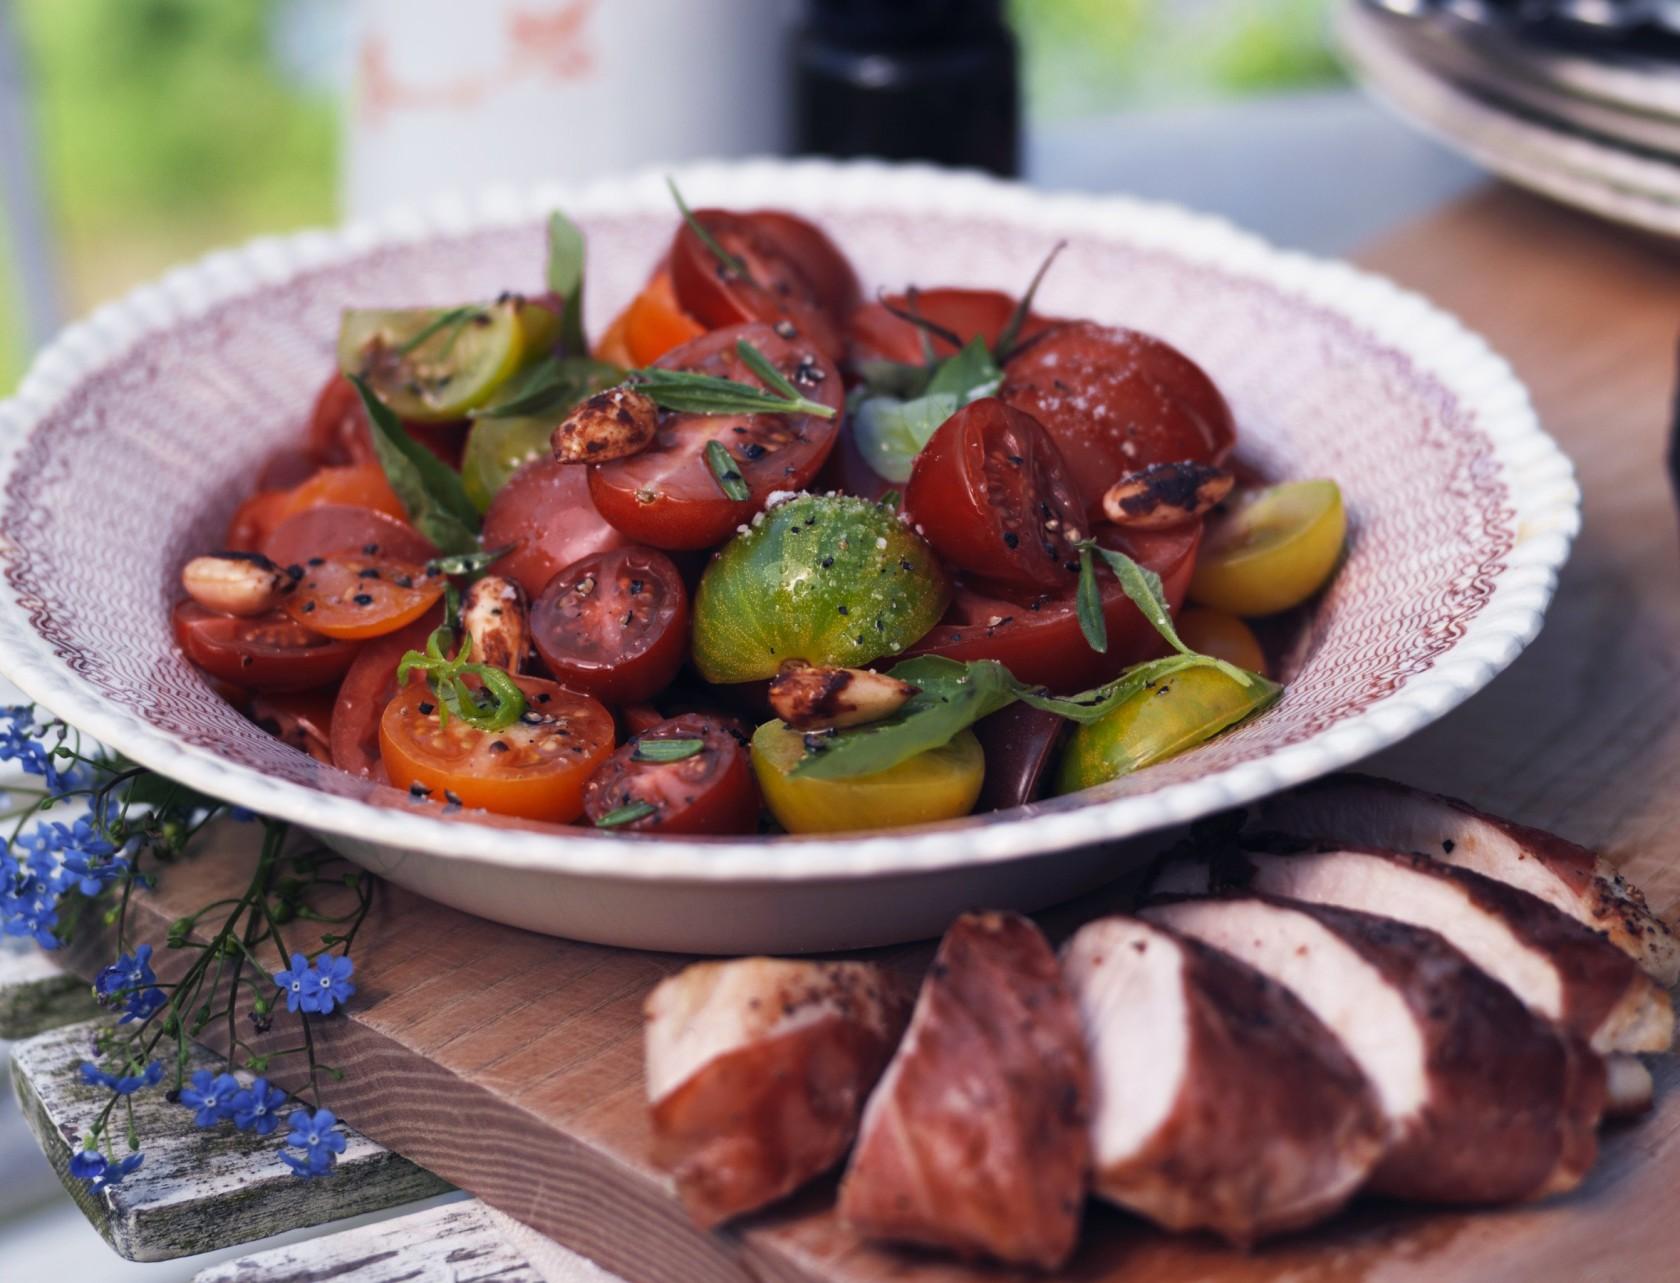 Tomatsalat med sojamandler - god opskrift på lækkert tilbehør.